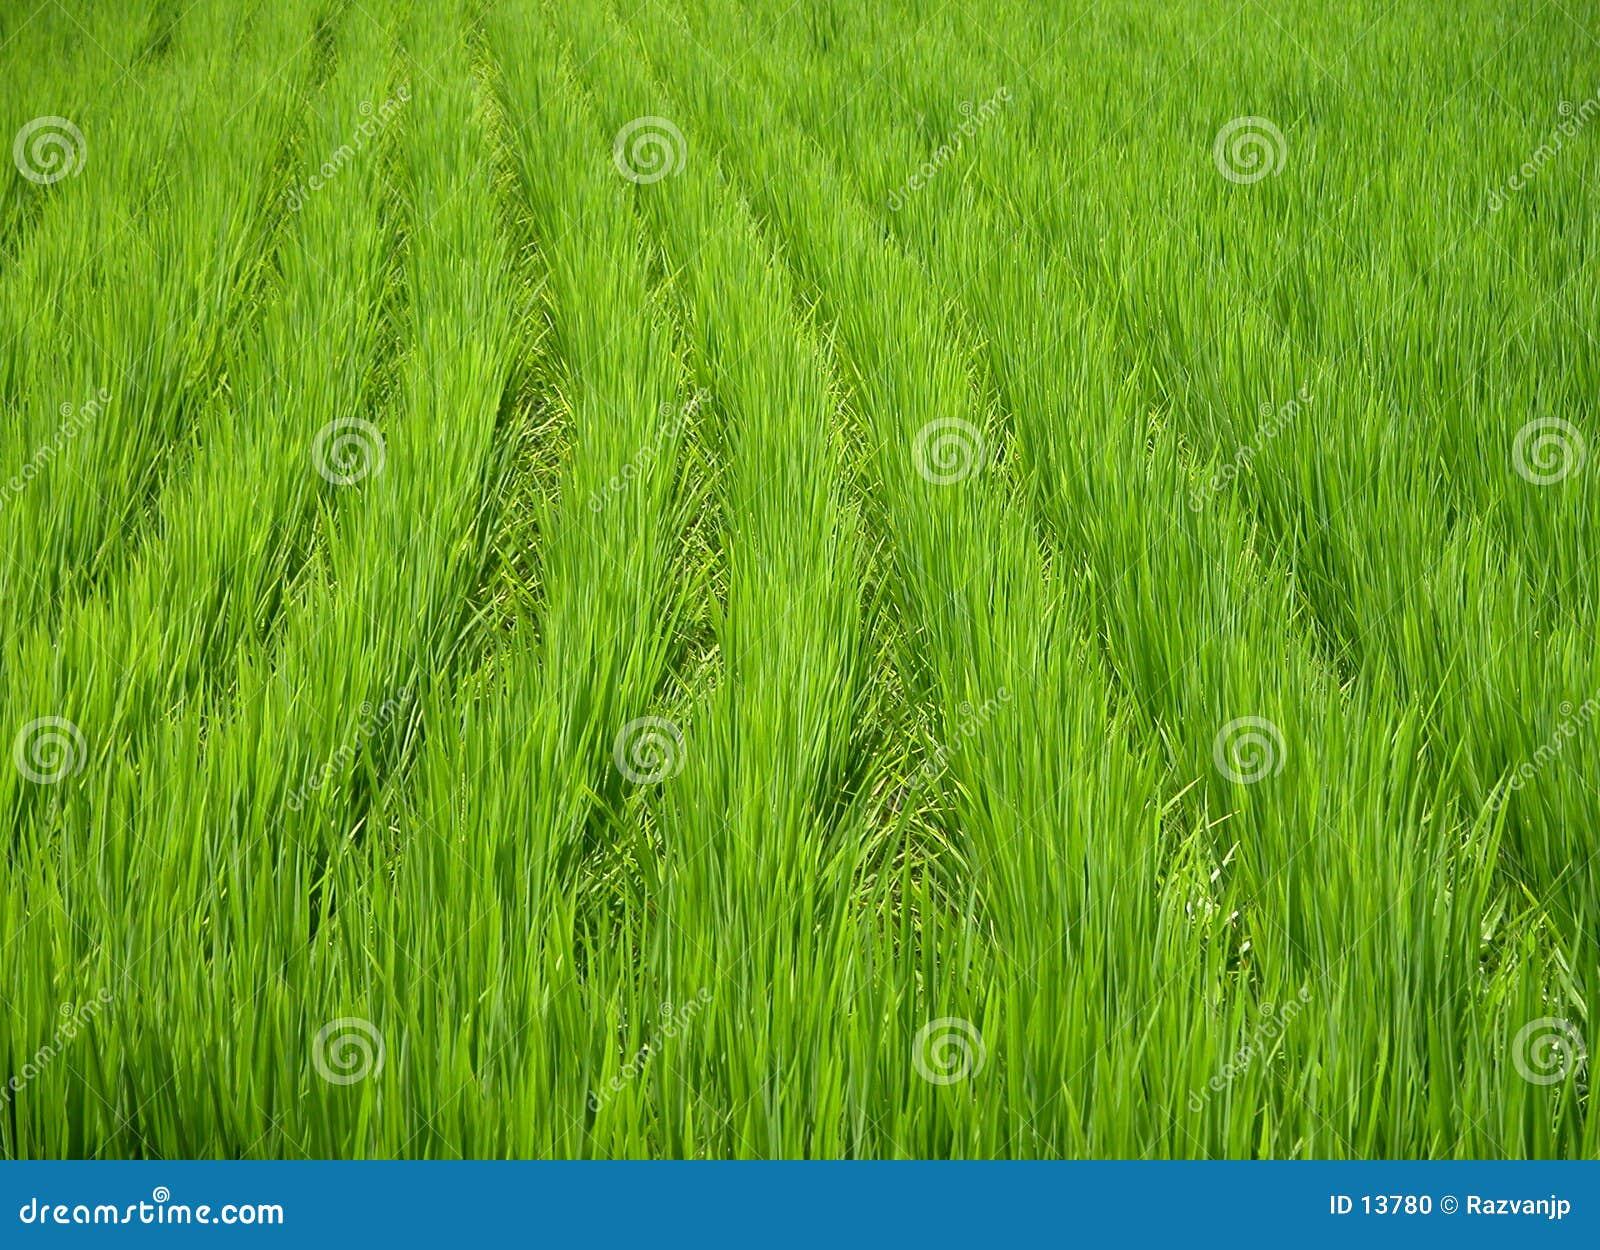 Zielona konsystencja